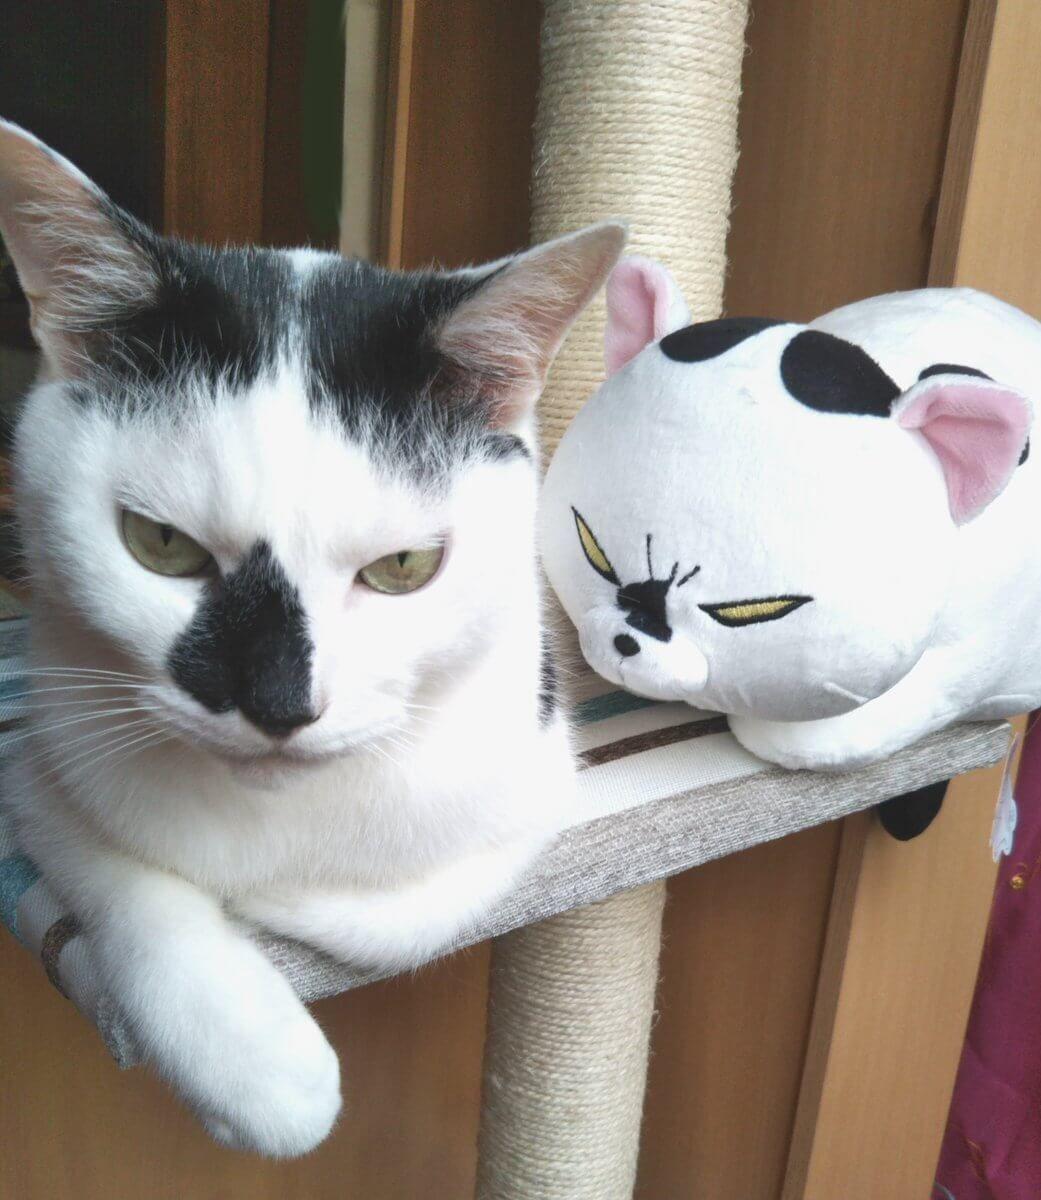 愛犬と愛ネコを人形にしてみた 激似すぎて笑った 笑うメディア クレイジー 犬と猫 猫 子猫